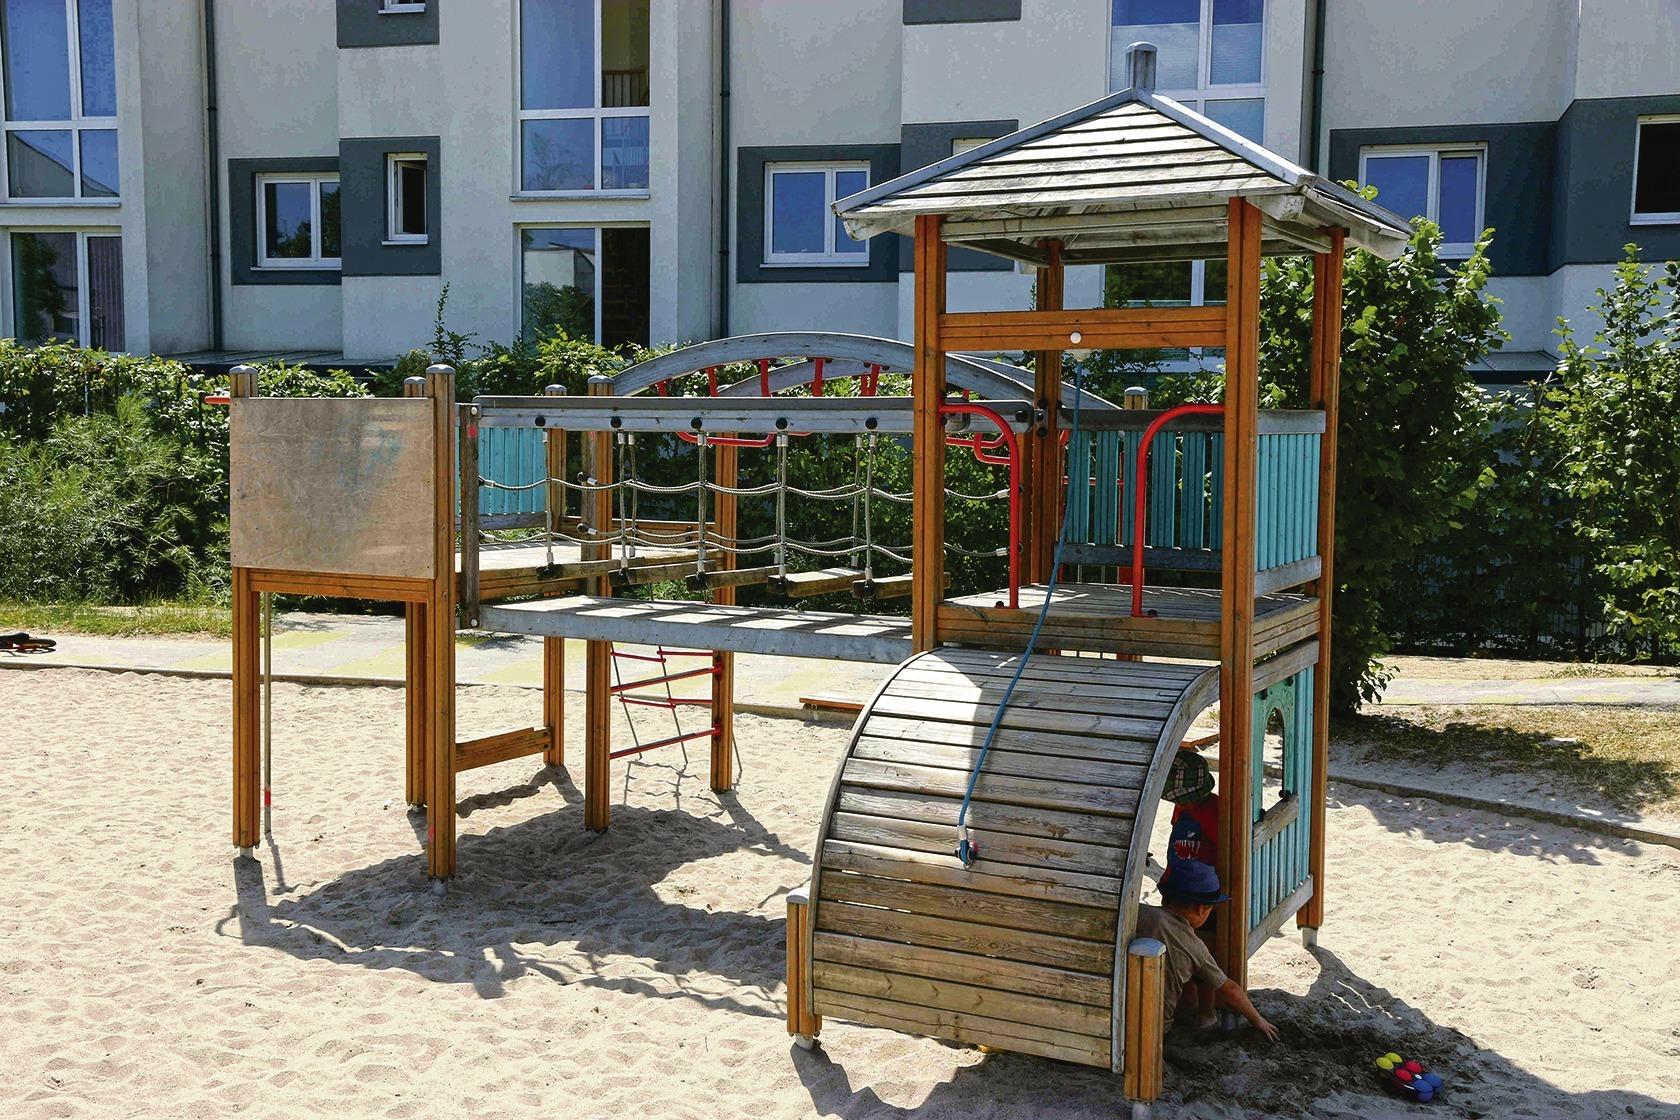 Klettergerüst Wohnung : Kinderspielplatz in heidelberg rohrbach: missstände bringen mütter